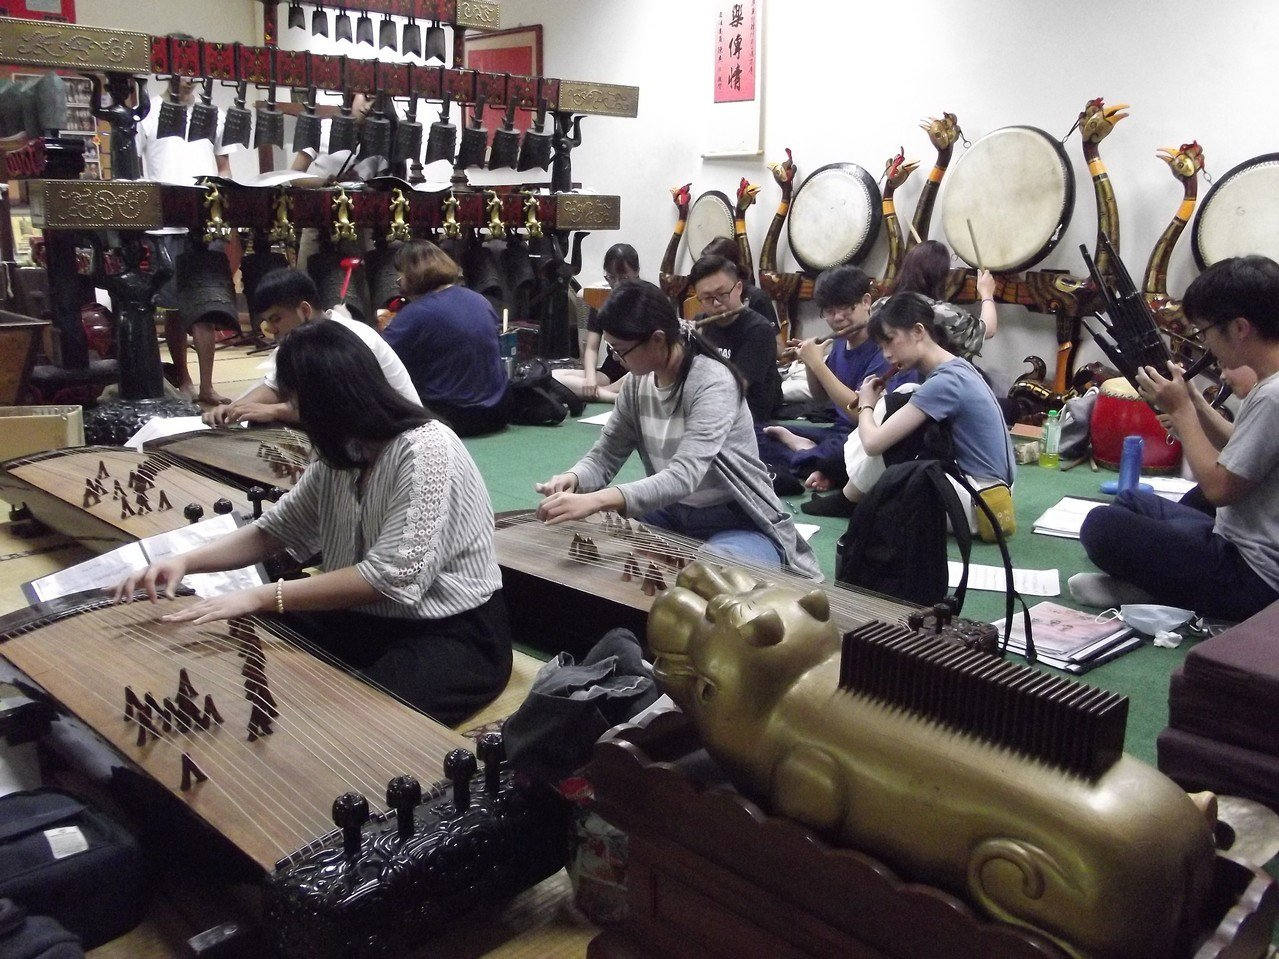 雅樂團學生們為14日音樂會加緊練習。記者謝恩得/攝影